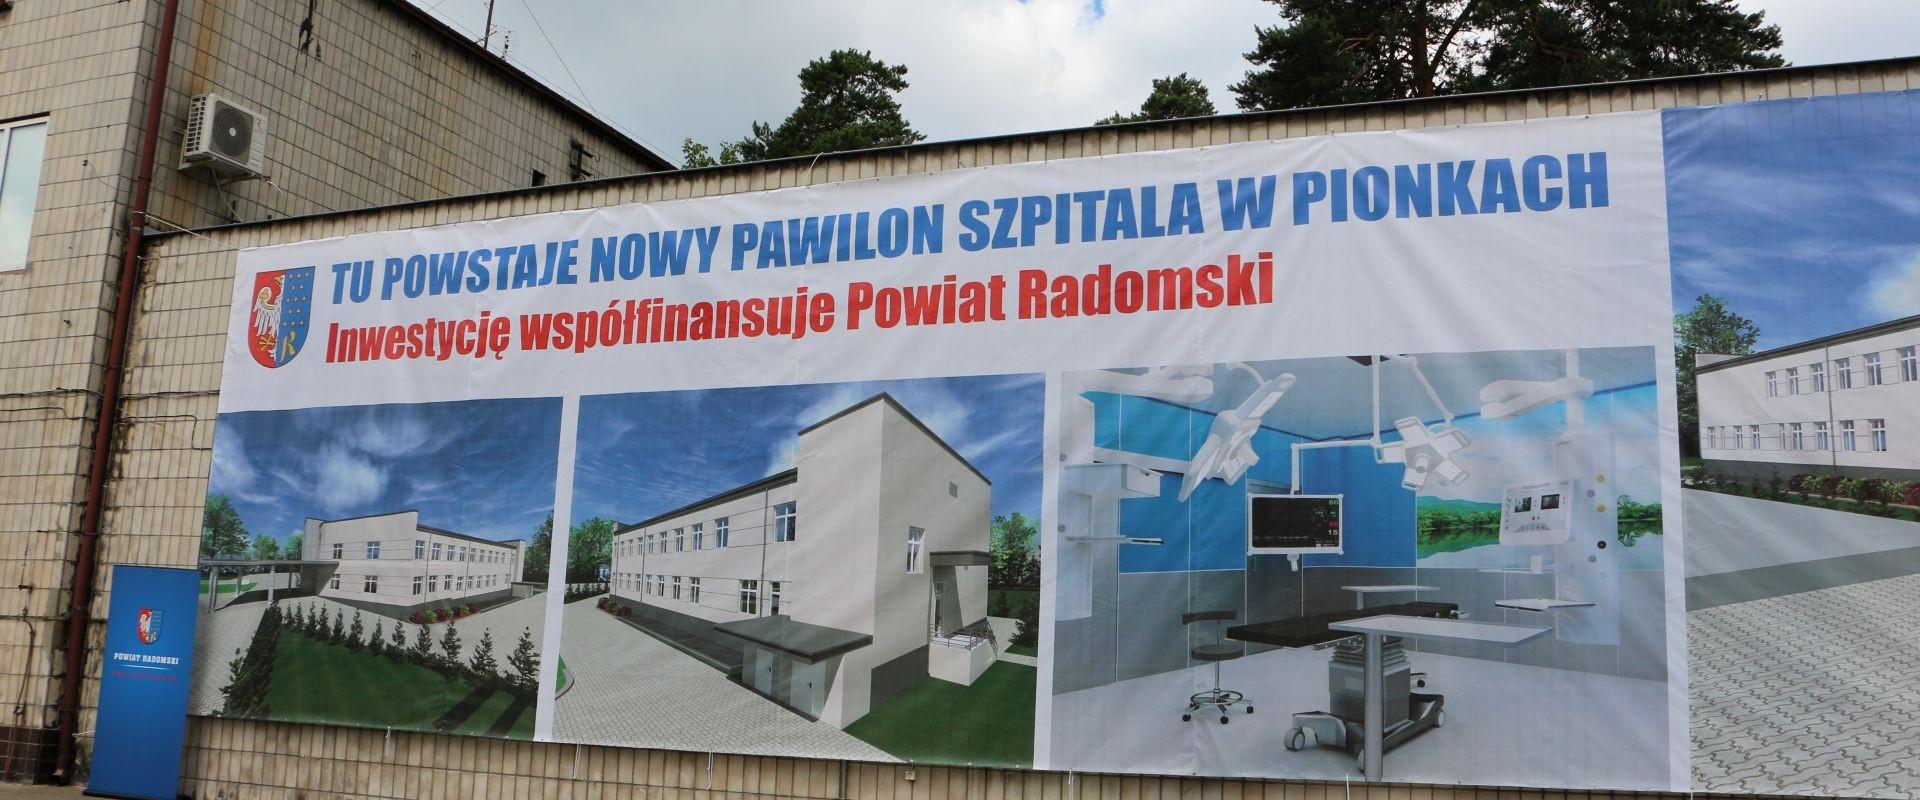 Przedstawienie planów budowy szpitala